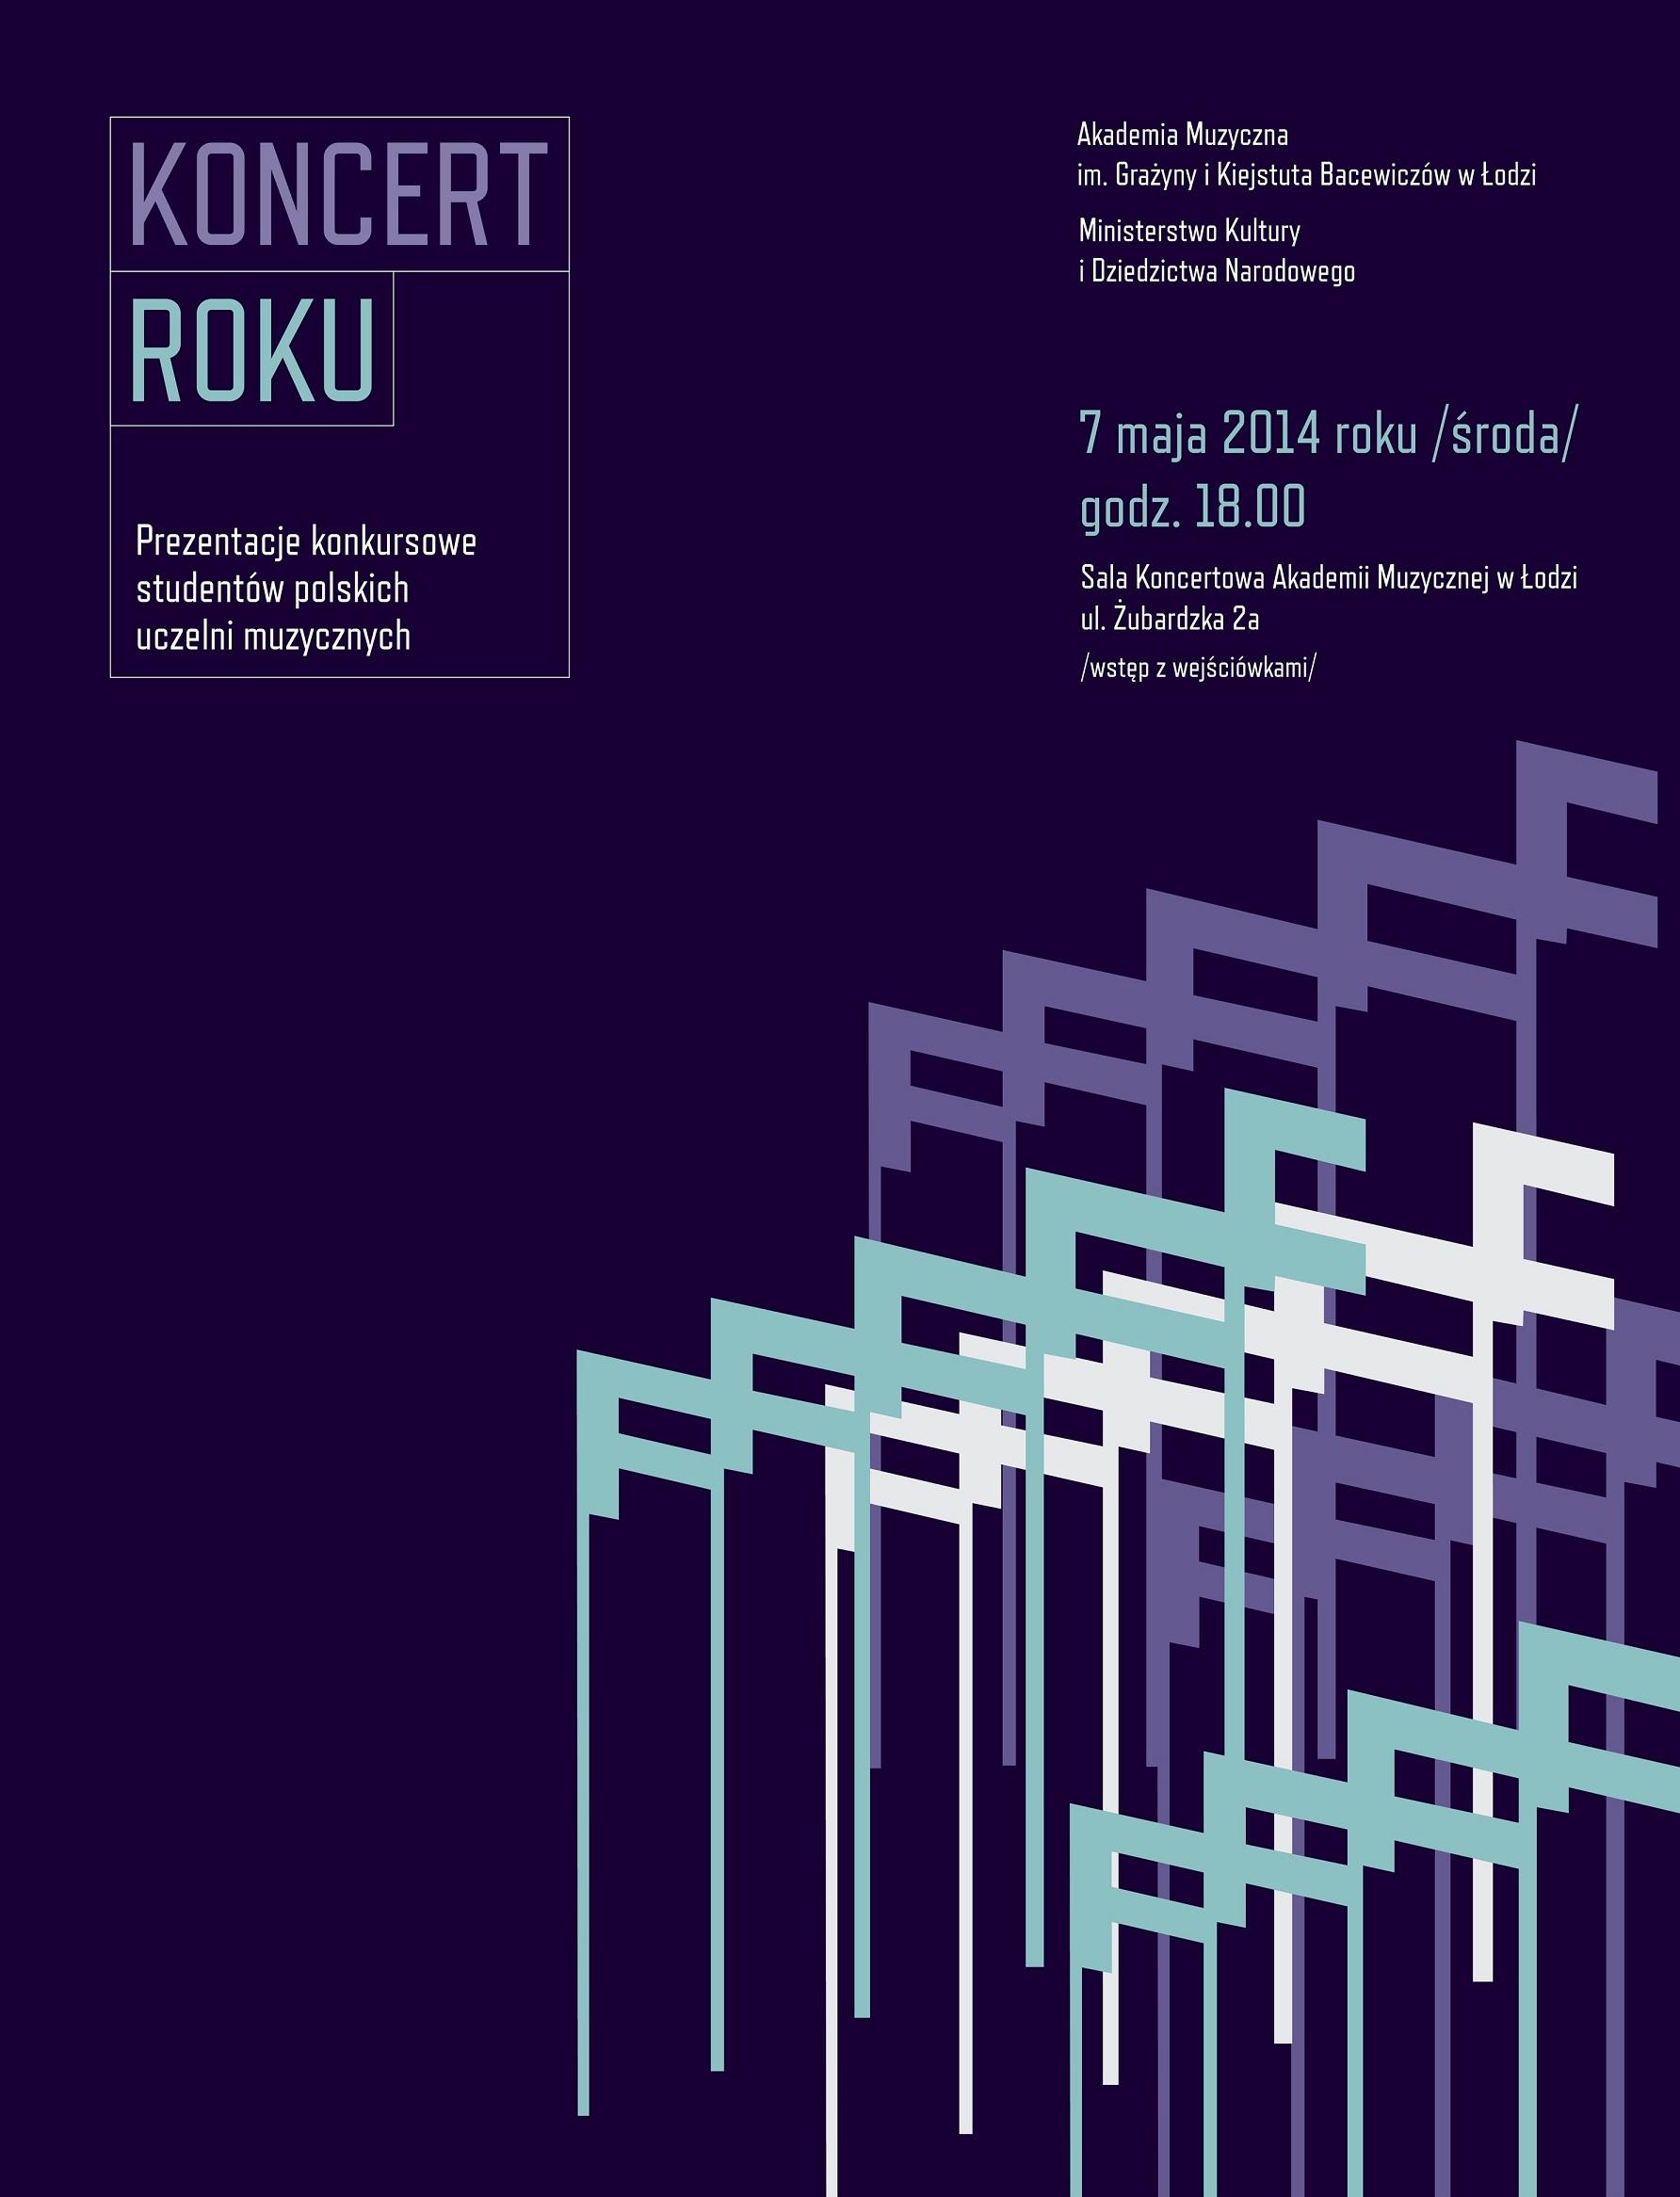 """""""Koncert roku"""", plakat (źródło: materiały prasowe organizatora)"""